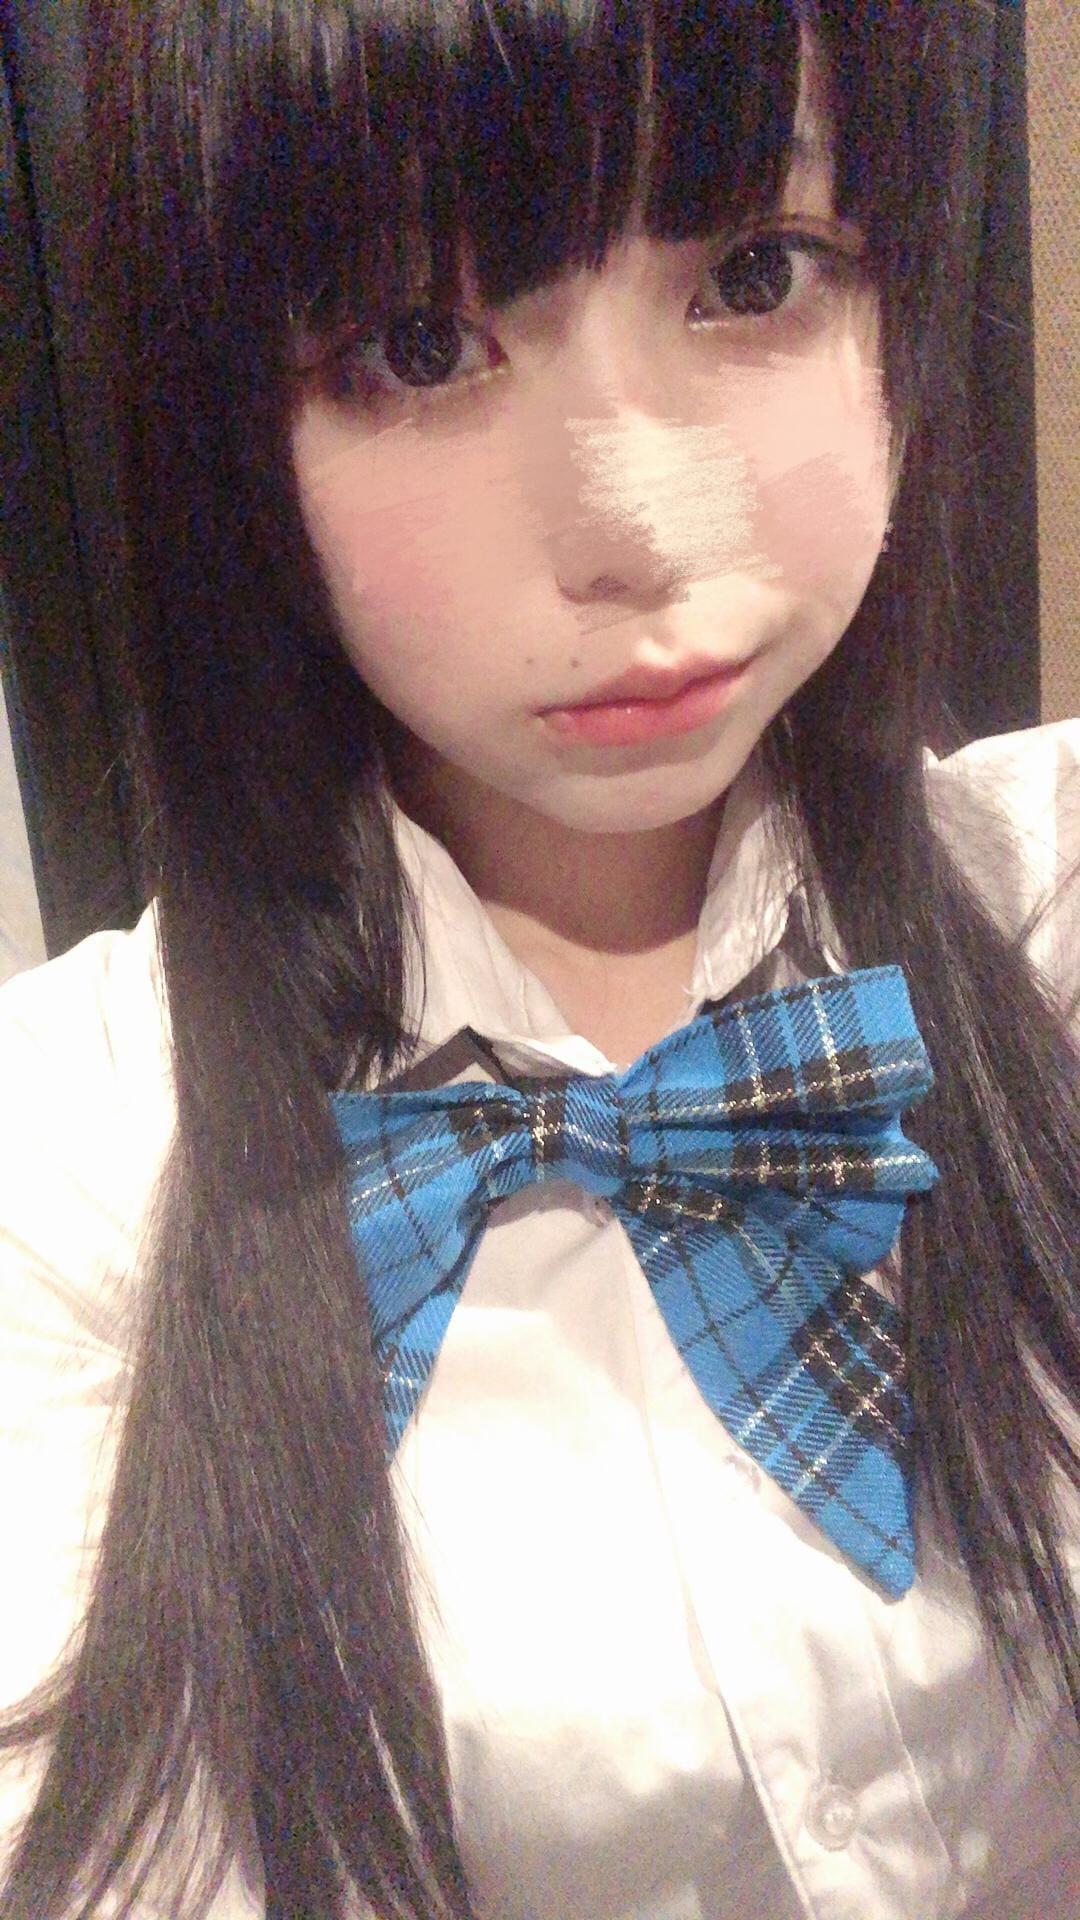 「こんばんは。」01/18(01/18) 19:24   No.0 早乙女 カルタの写メ・風俗動画